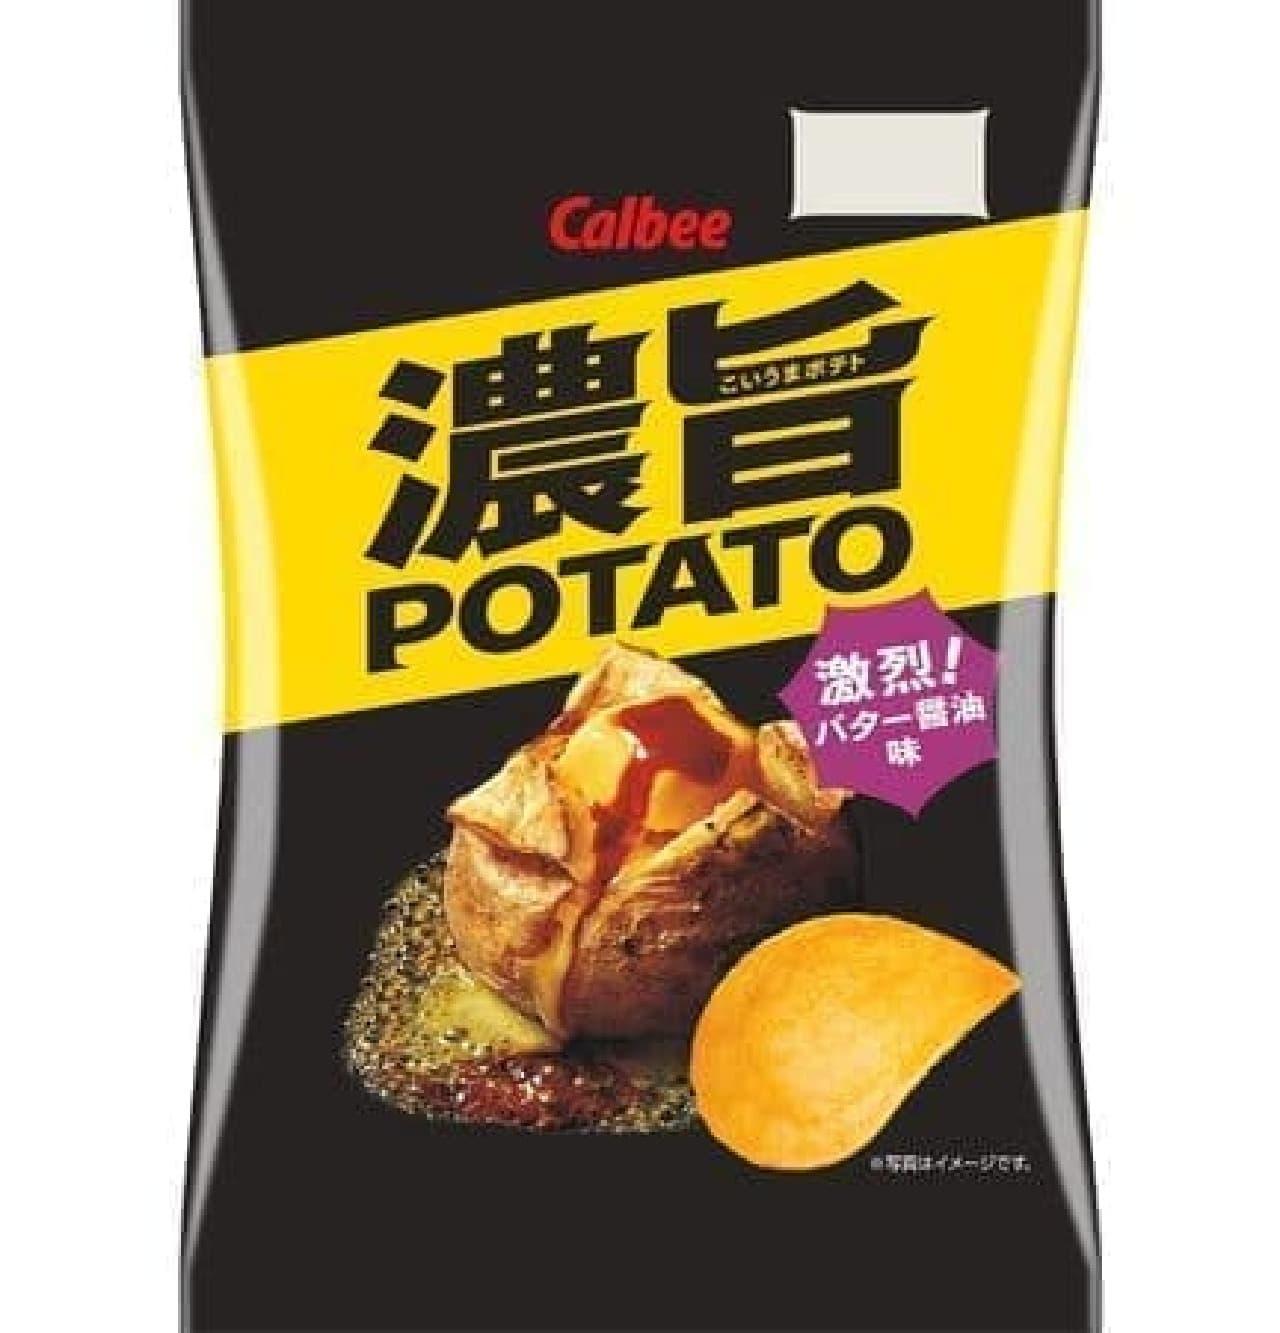 濃旨POTATO 激烈!バター醤油味